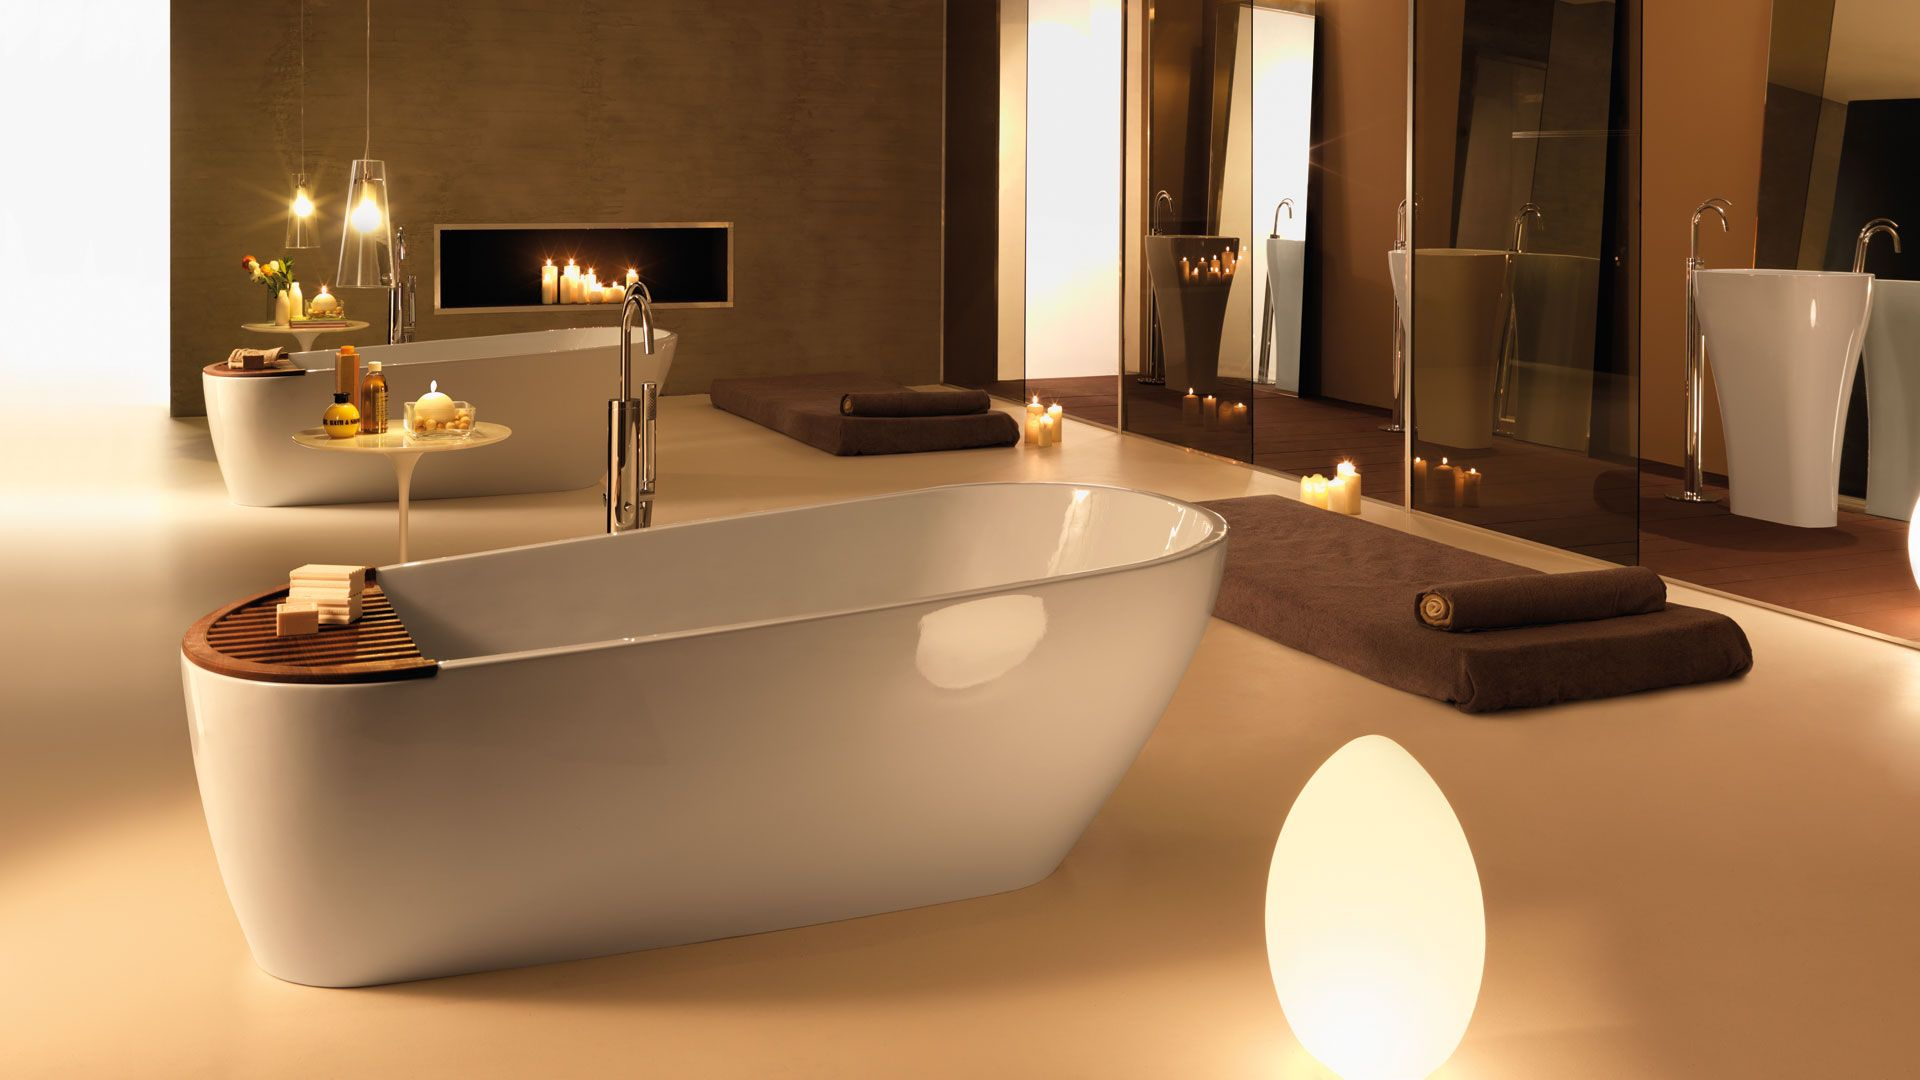 Kerasan s.r.l produzione sanitari in ceramica per il bagno